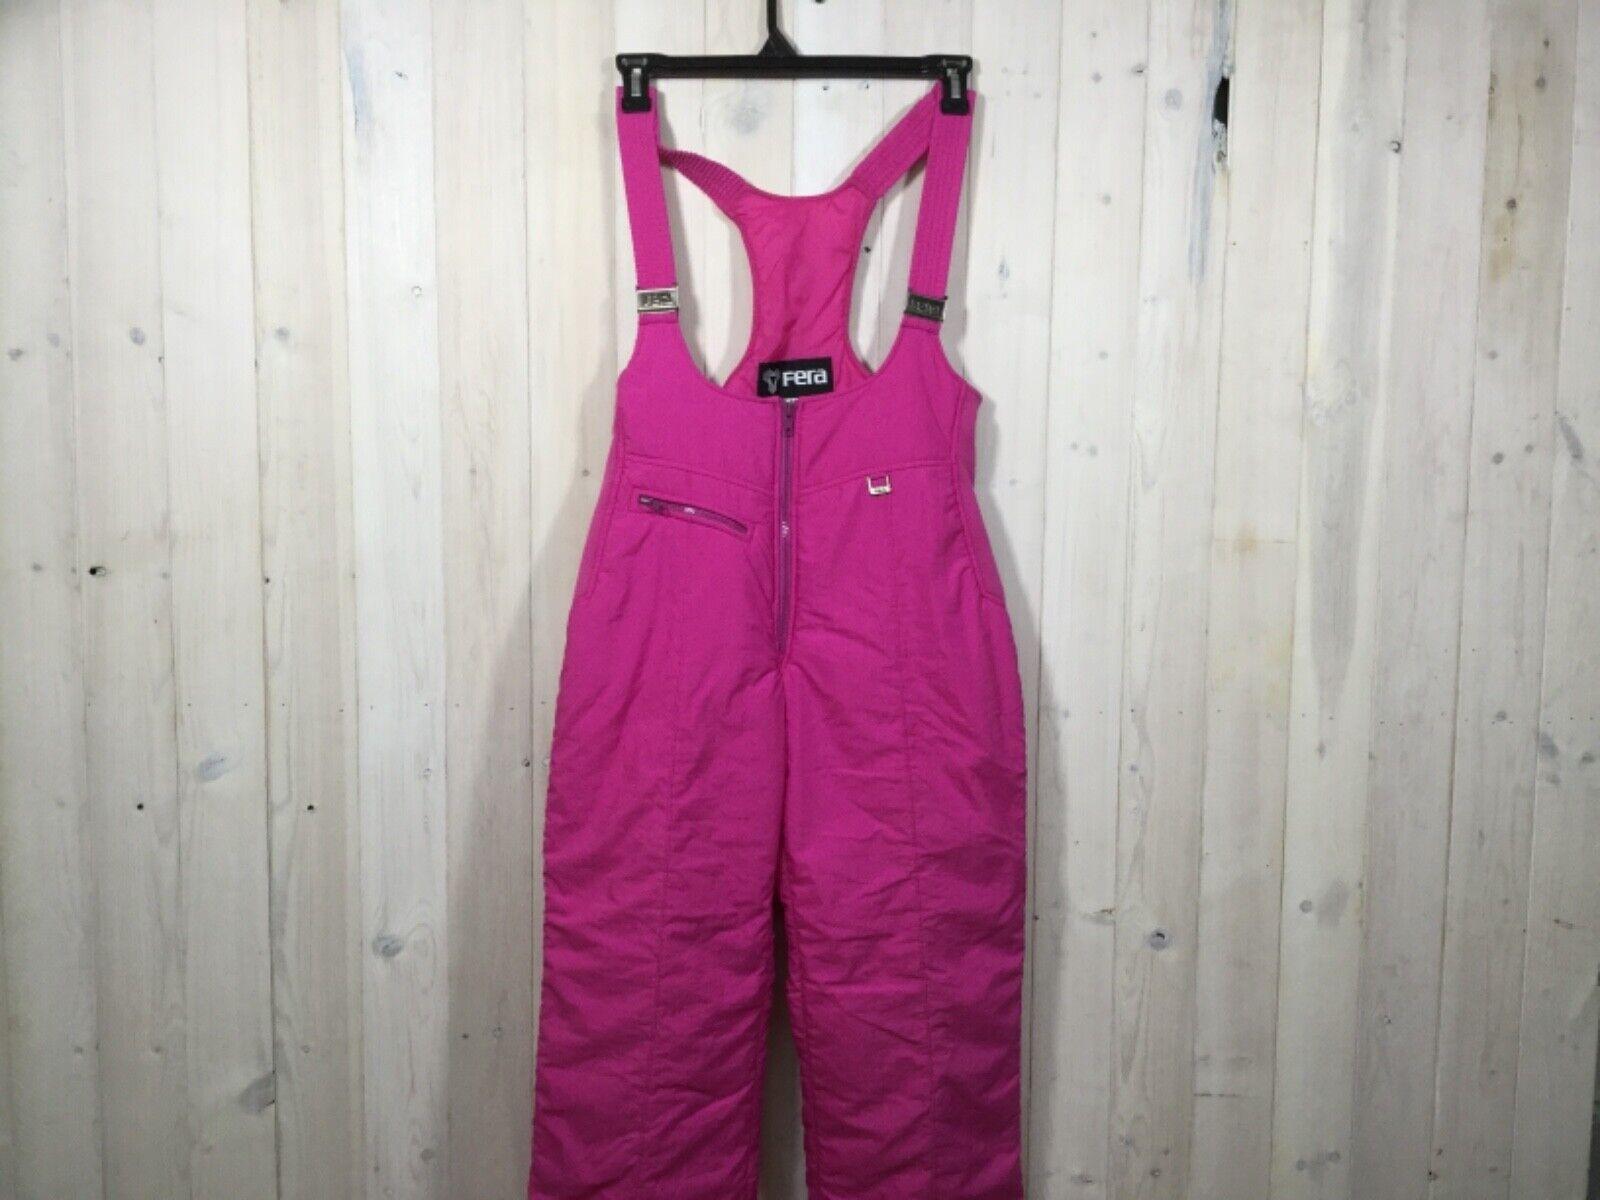 Vintage Retro 80's Fera Skiwear Snow Skiing Bibs Winter Womens Sz 14 L Pink